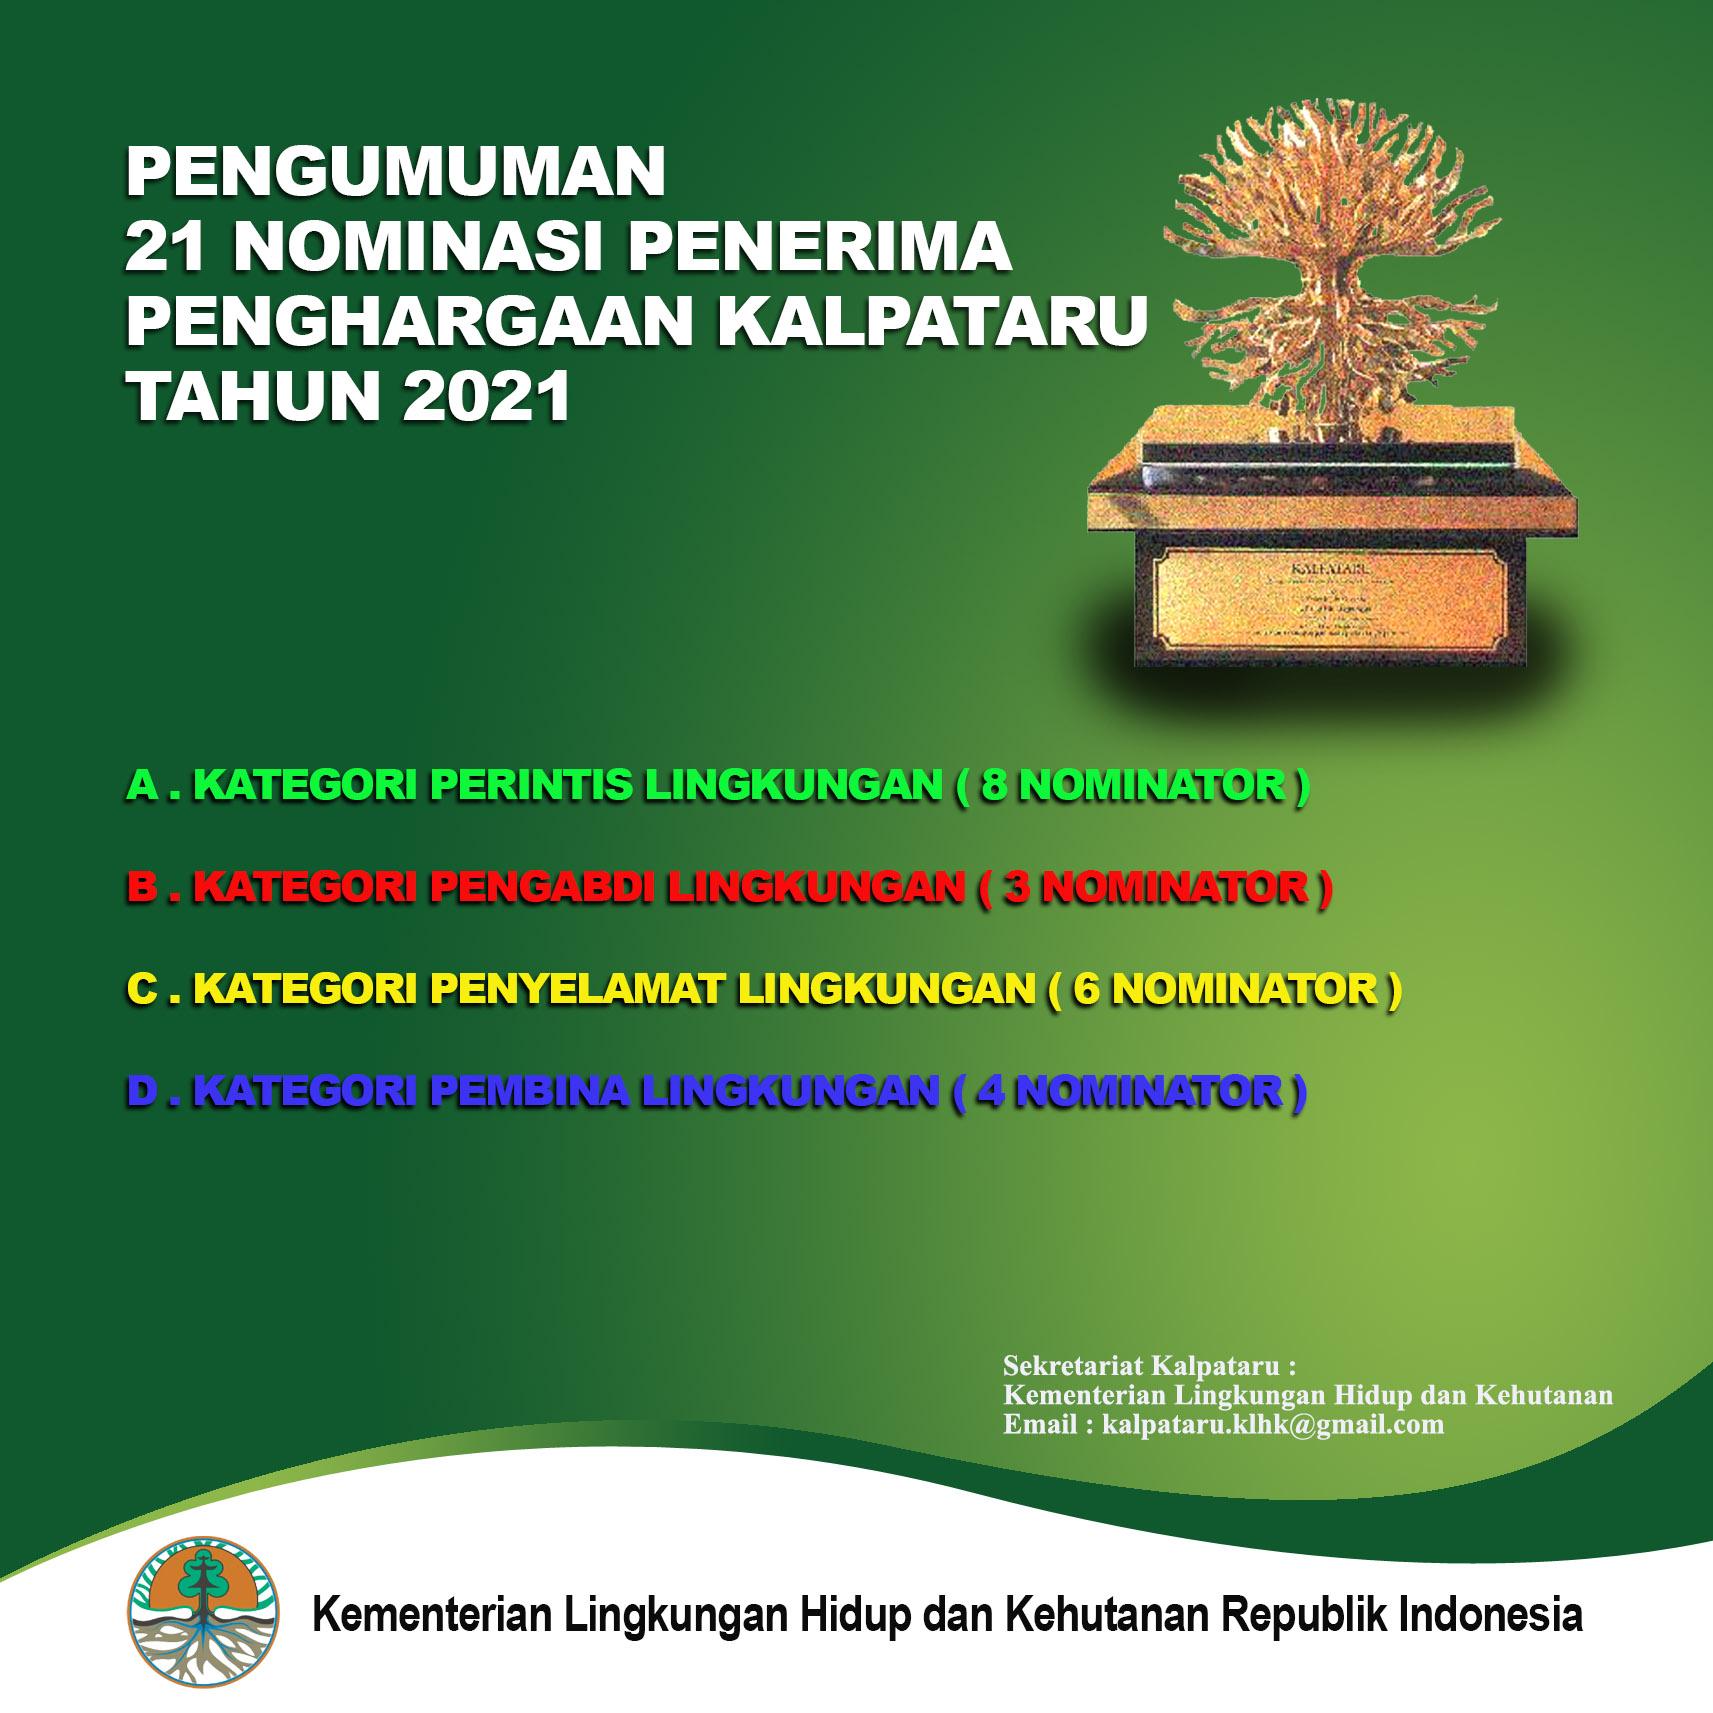 Pengumuman 21 Nominasi Penerima Penghargaan KALPATARU Tahun 2021